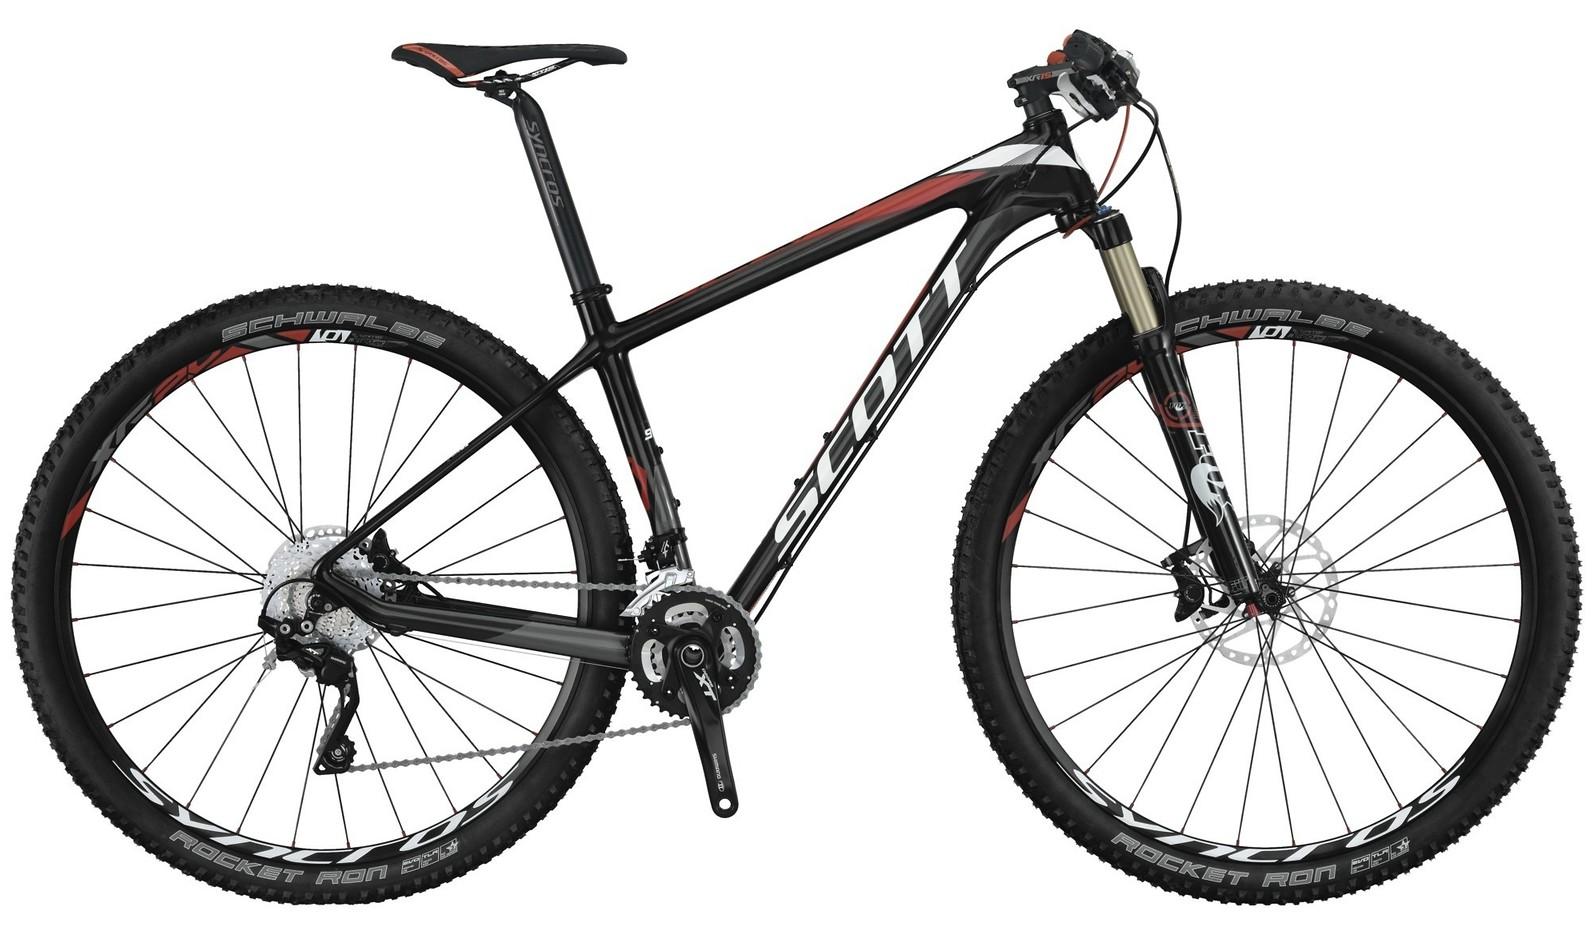 2014 Scott Scale 910 Bike Reviews Comparisons Specs